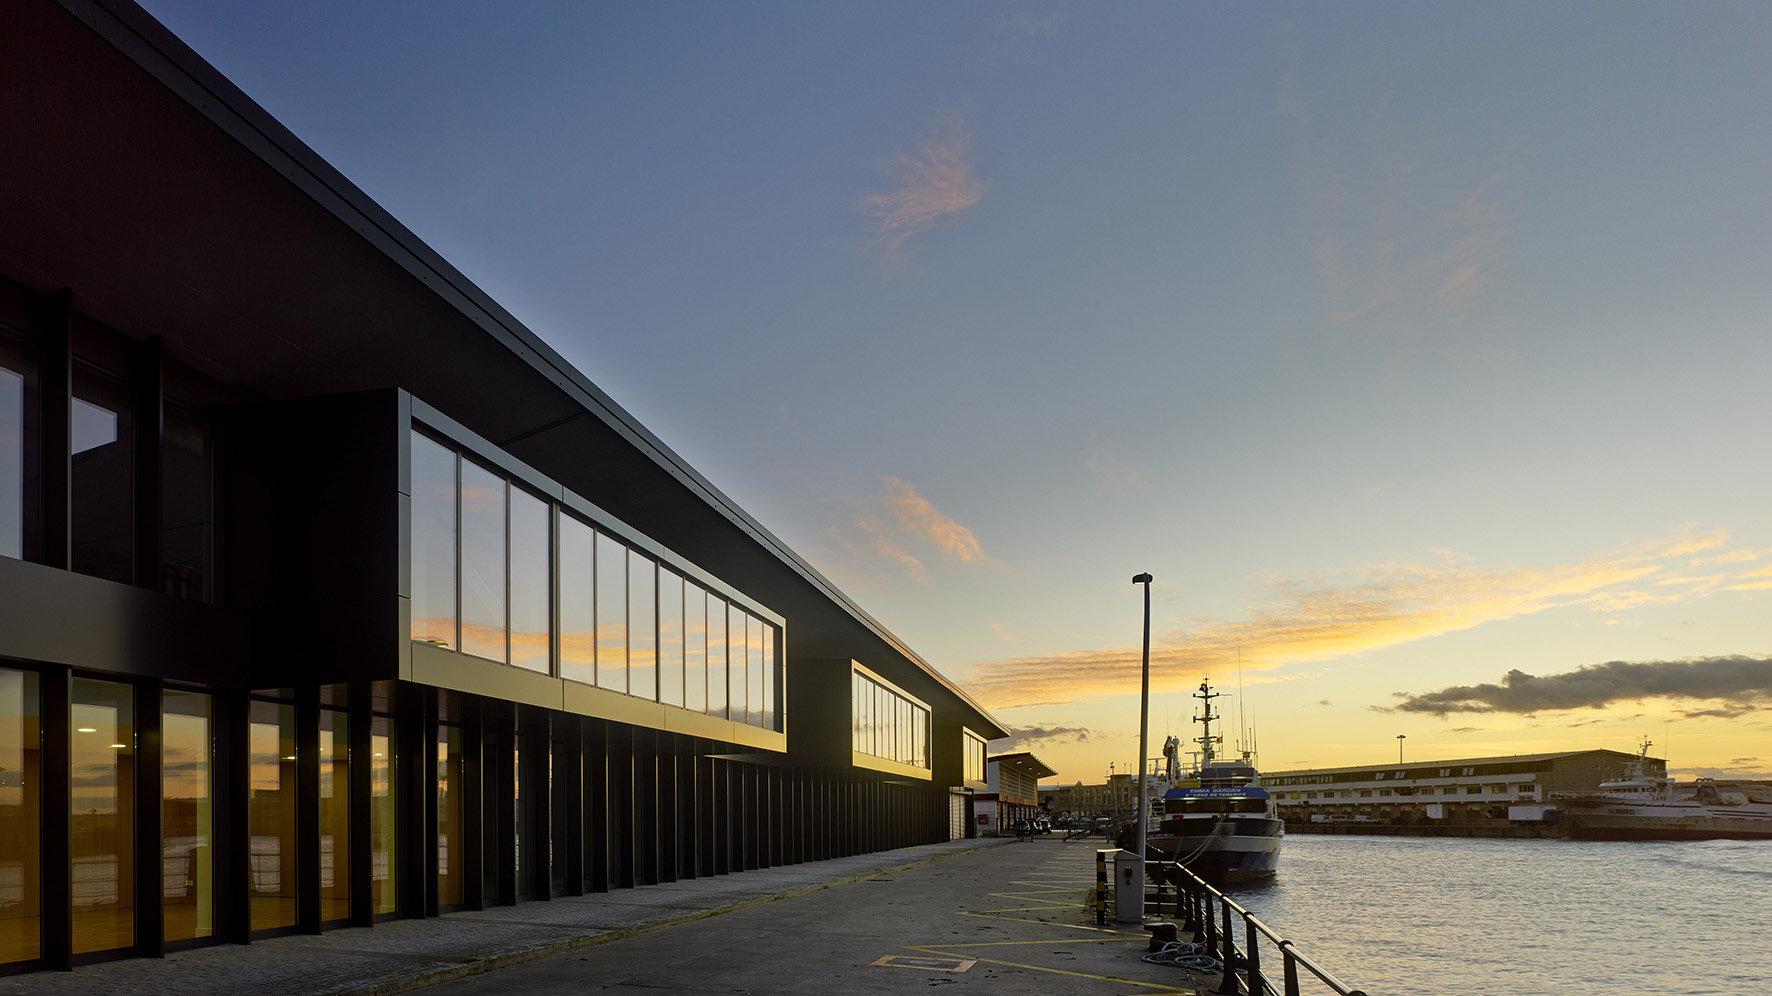 Los arquitectos premian la rehabilitaci n de edificios vigo atl ntico diario - Arquitectos en vigo ...